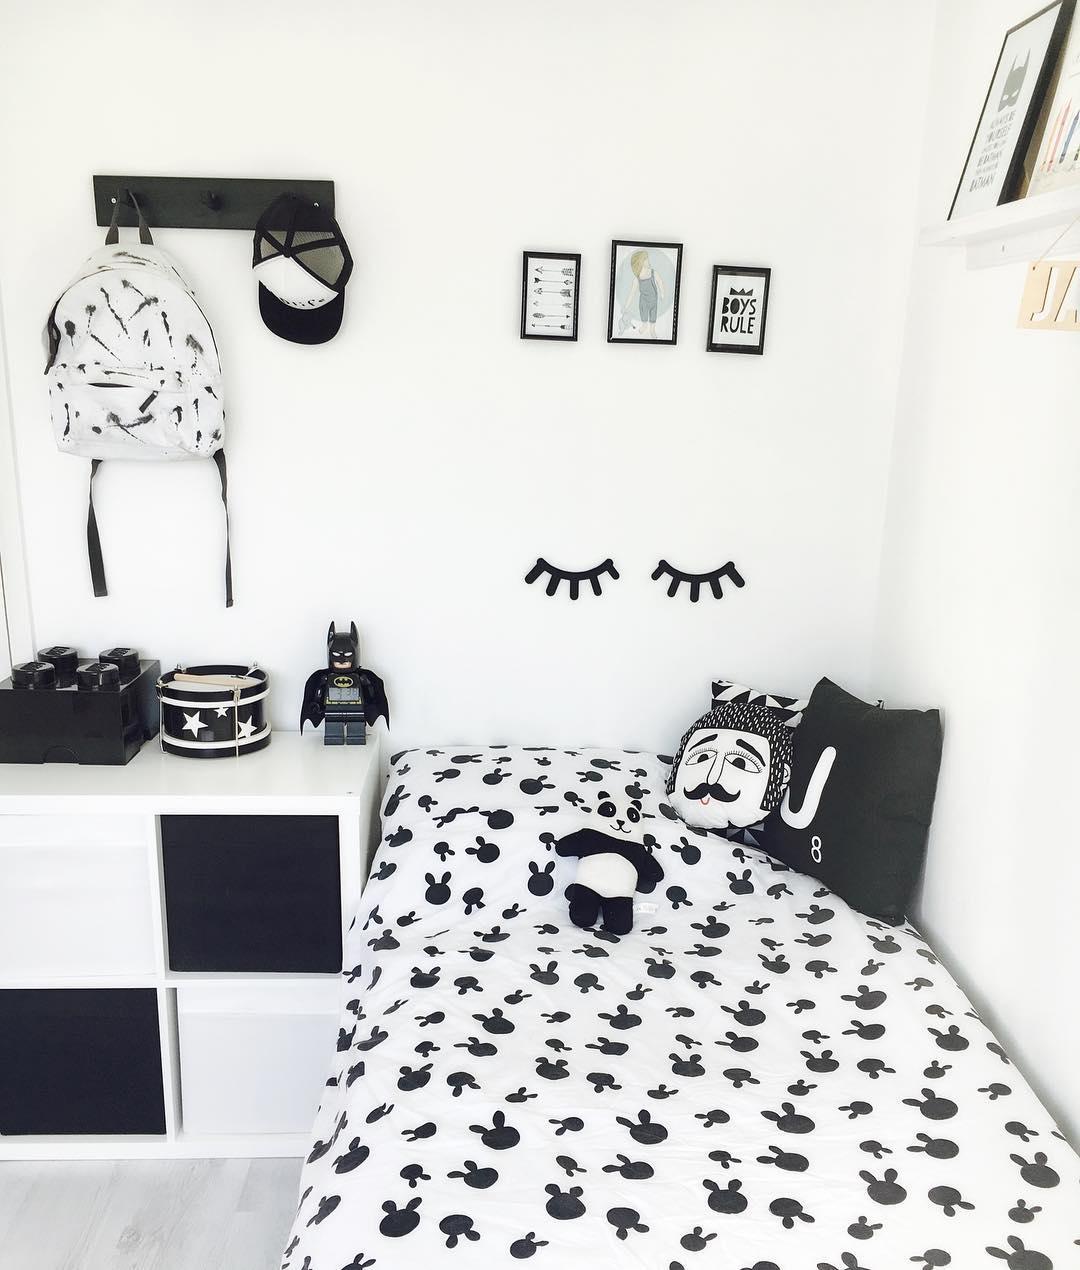 Desain Interior Kamar Tidur Hitam Putih  Model Interior Rumah